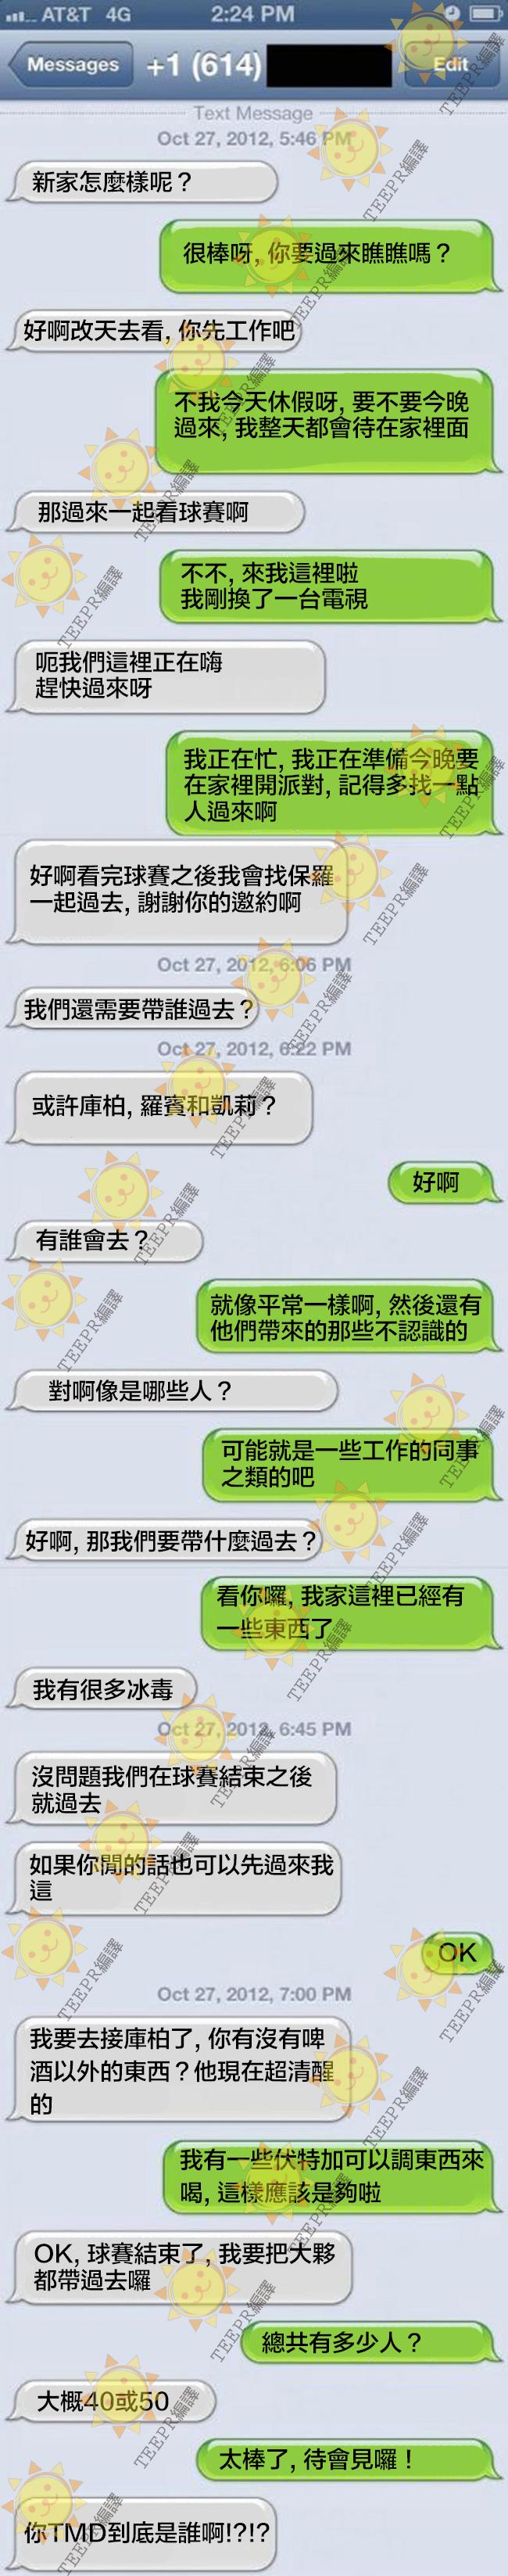 13個「收到別人傳錯簡訊」的超爆笑回應 他去到對方家才發現:你誰呀?